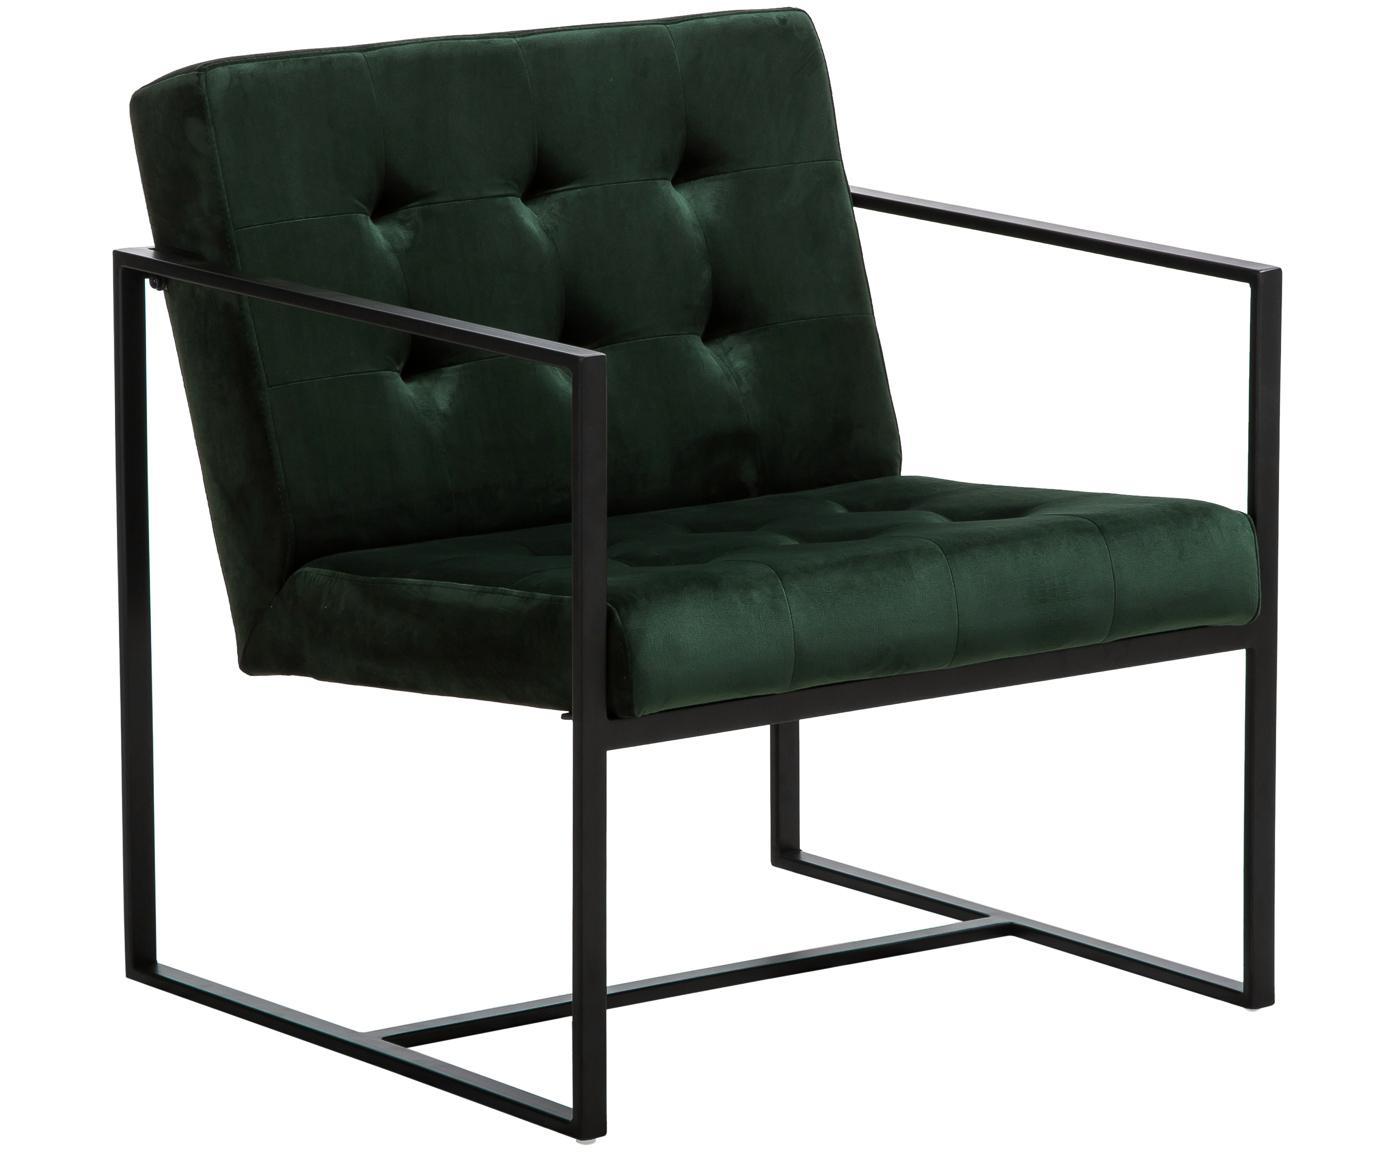 Sillón de terciopelo Manhattan, Tapizado: terciopelo (poliéster) 50, Estructura: metal, pintura en polvo, Verde oscuro, An 70 x F 72 cm